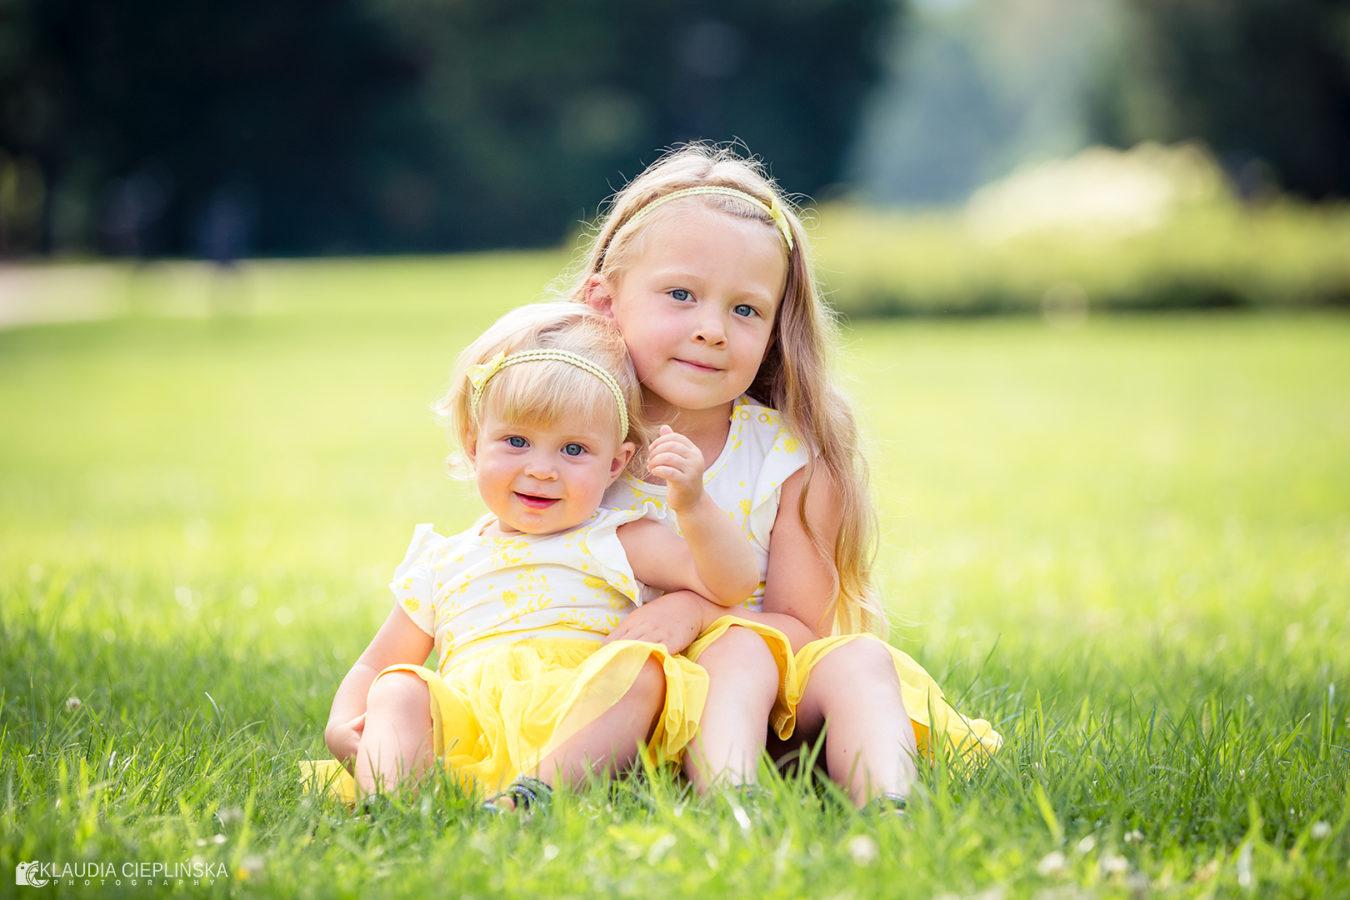 Klaudia Cieplińska - fotografia rodzinna Jelenia Góra. Zdjęcia dziecięce, rodzinne, pełne radości z autorską obróbkę. Pełne radości i naturalnego piękna.